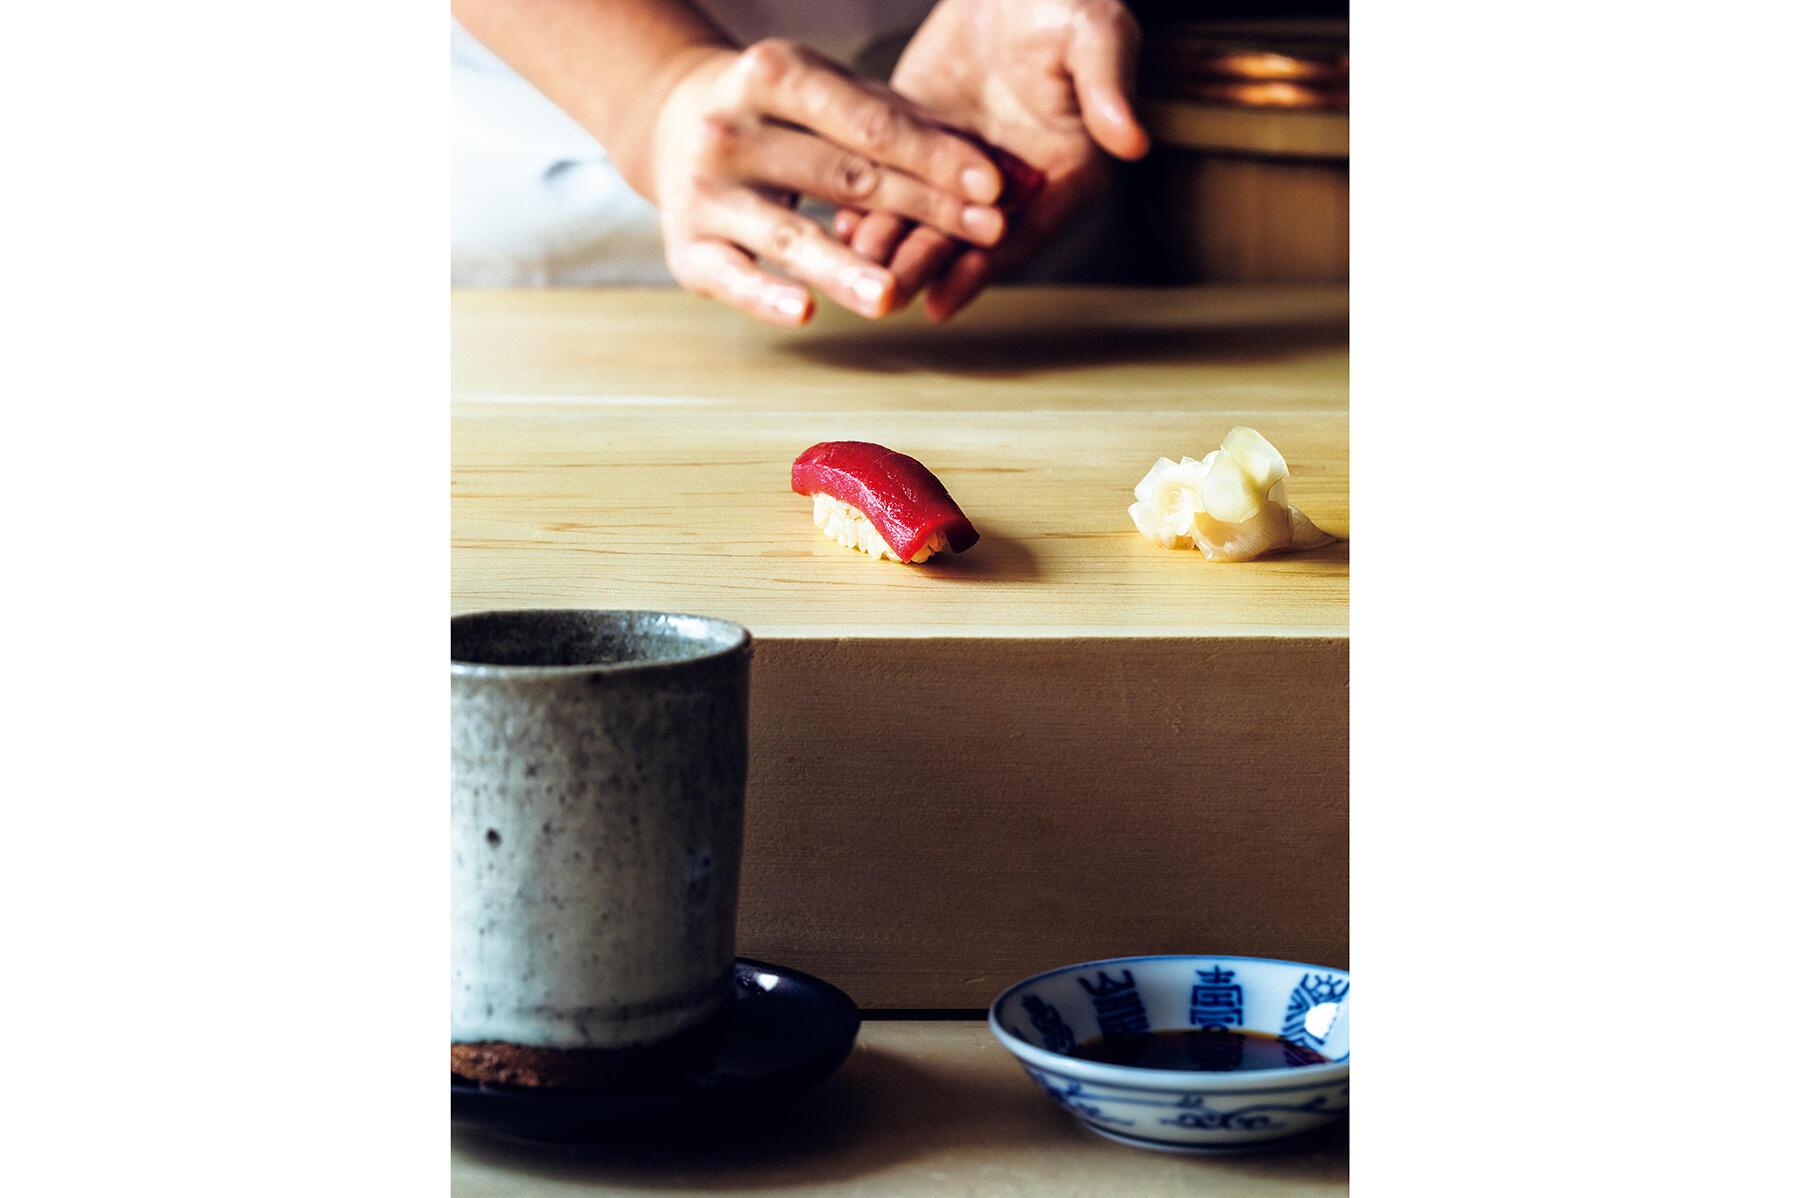 屋 隠語 寿司 の